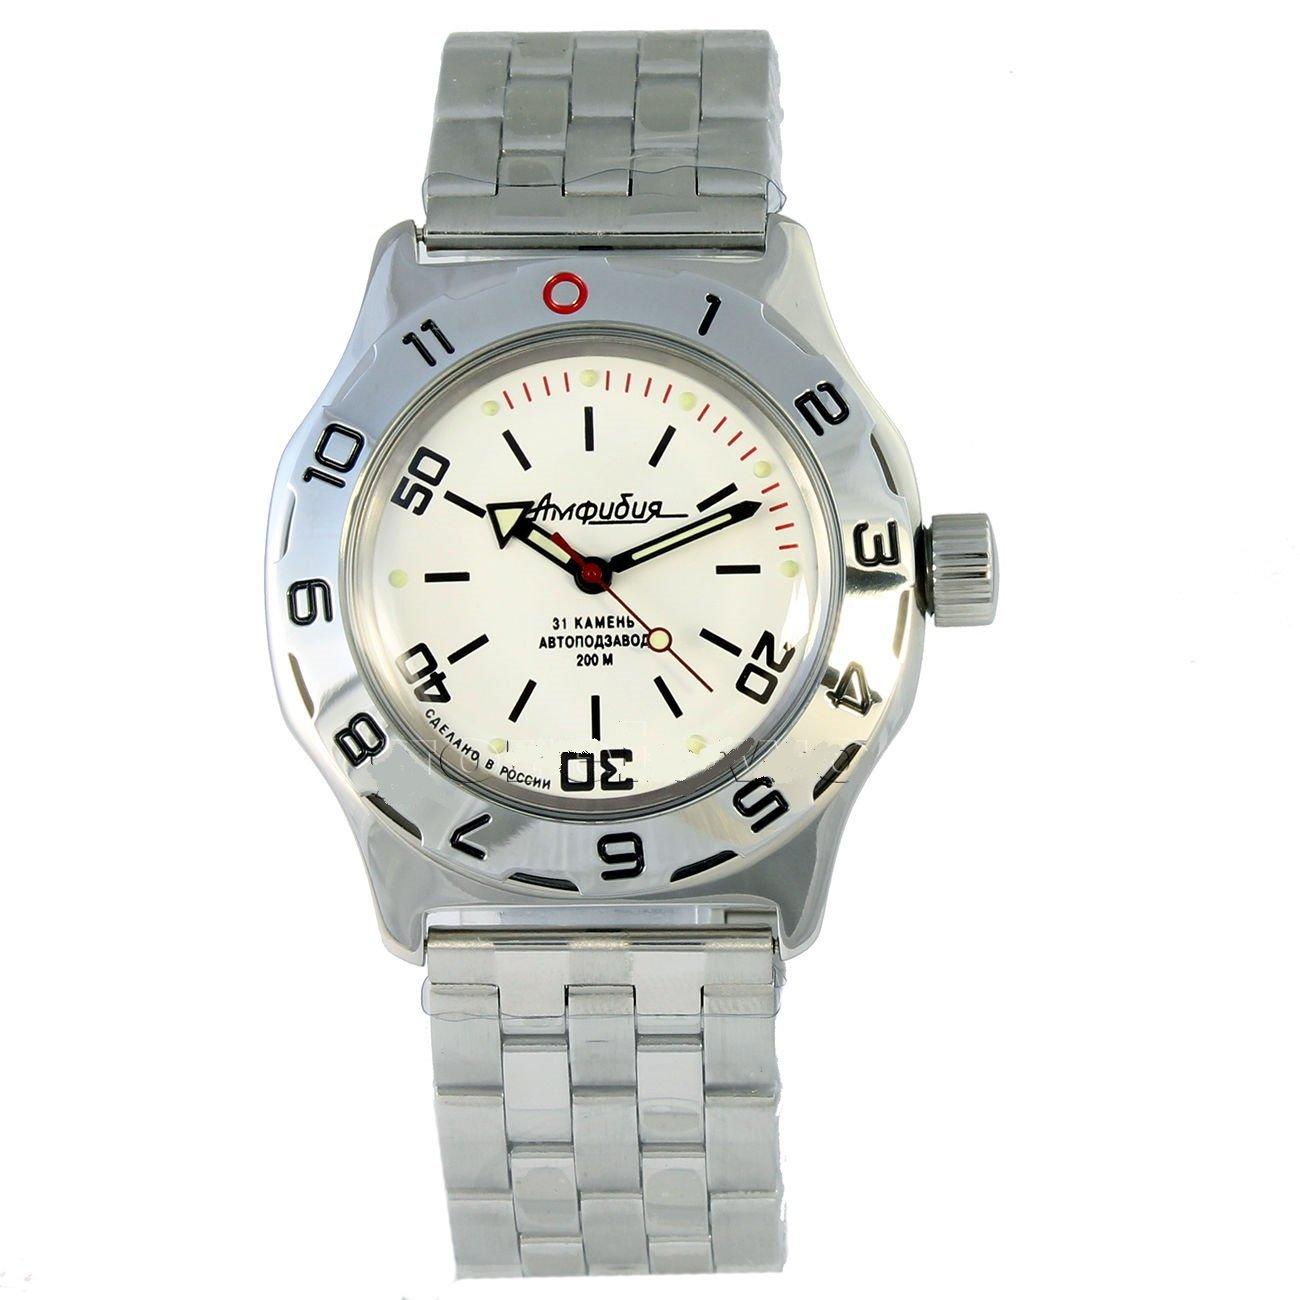 Vostok New Amphibian 100822 Russian Automatic Divers Wrist Watch 200m Auto White